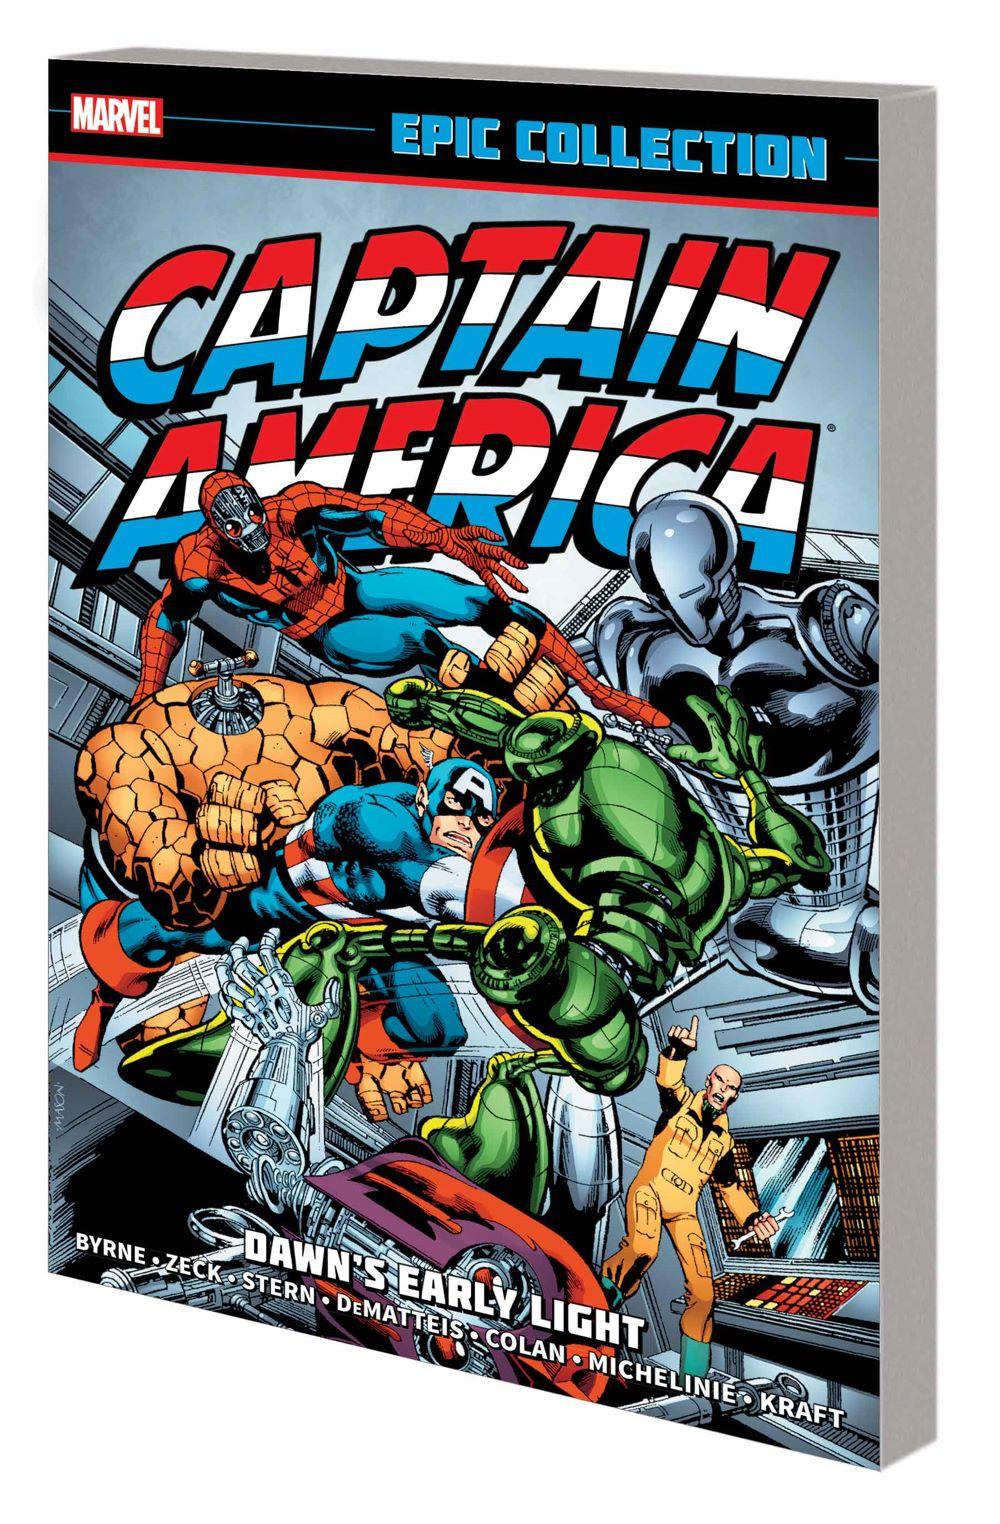 CAPAEPICV09_TPB Marvel Comics June 2021 Solicitations